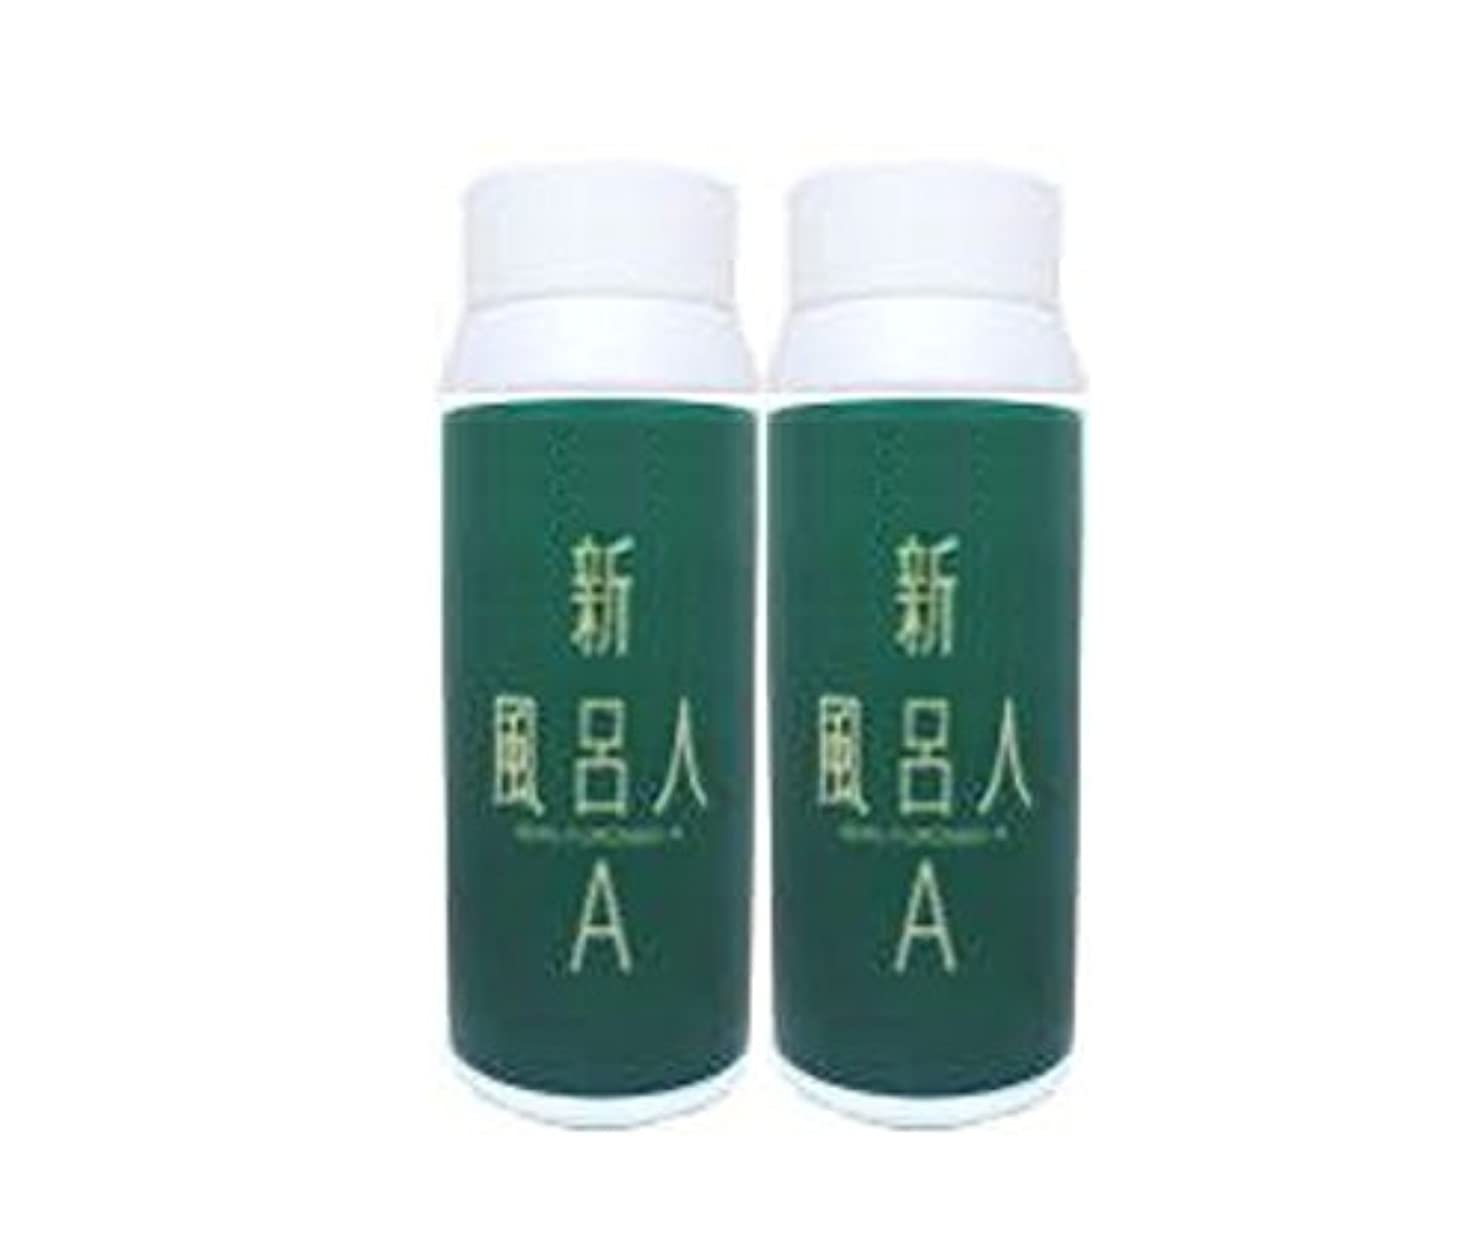 アグネスグレイ真鍮認める24時間風呂用 入浴剤 新フロンドA 1000g 【2本セット】